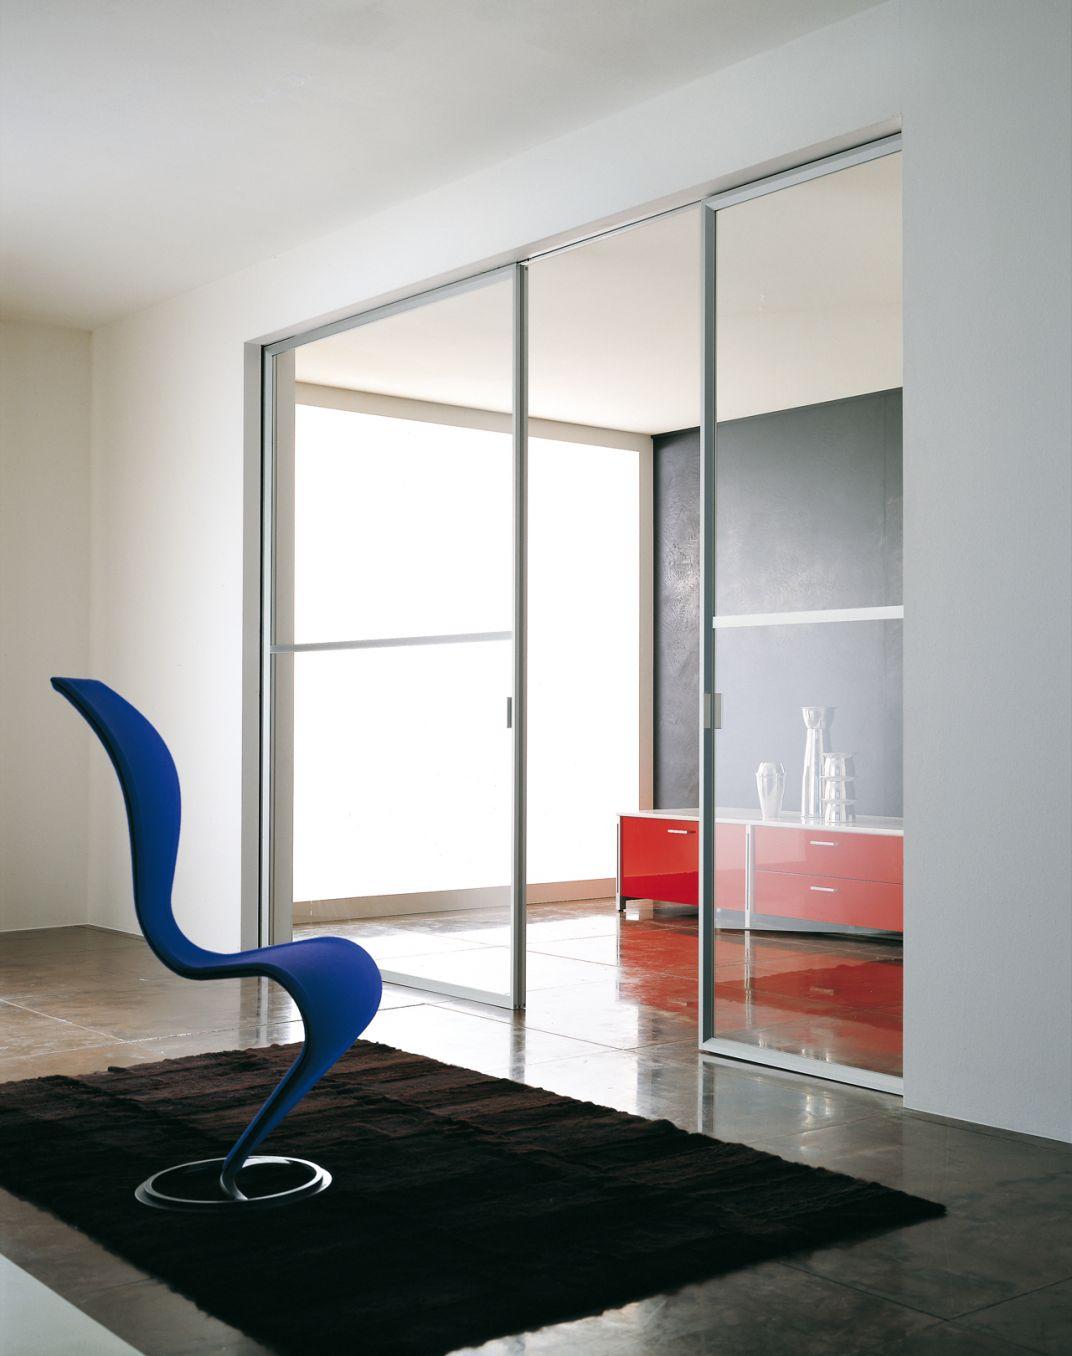 Light Plus / Bosca Arredi - Lino Codato Interior Design